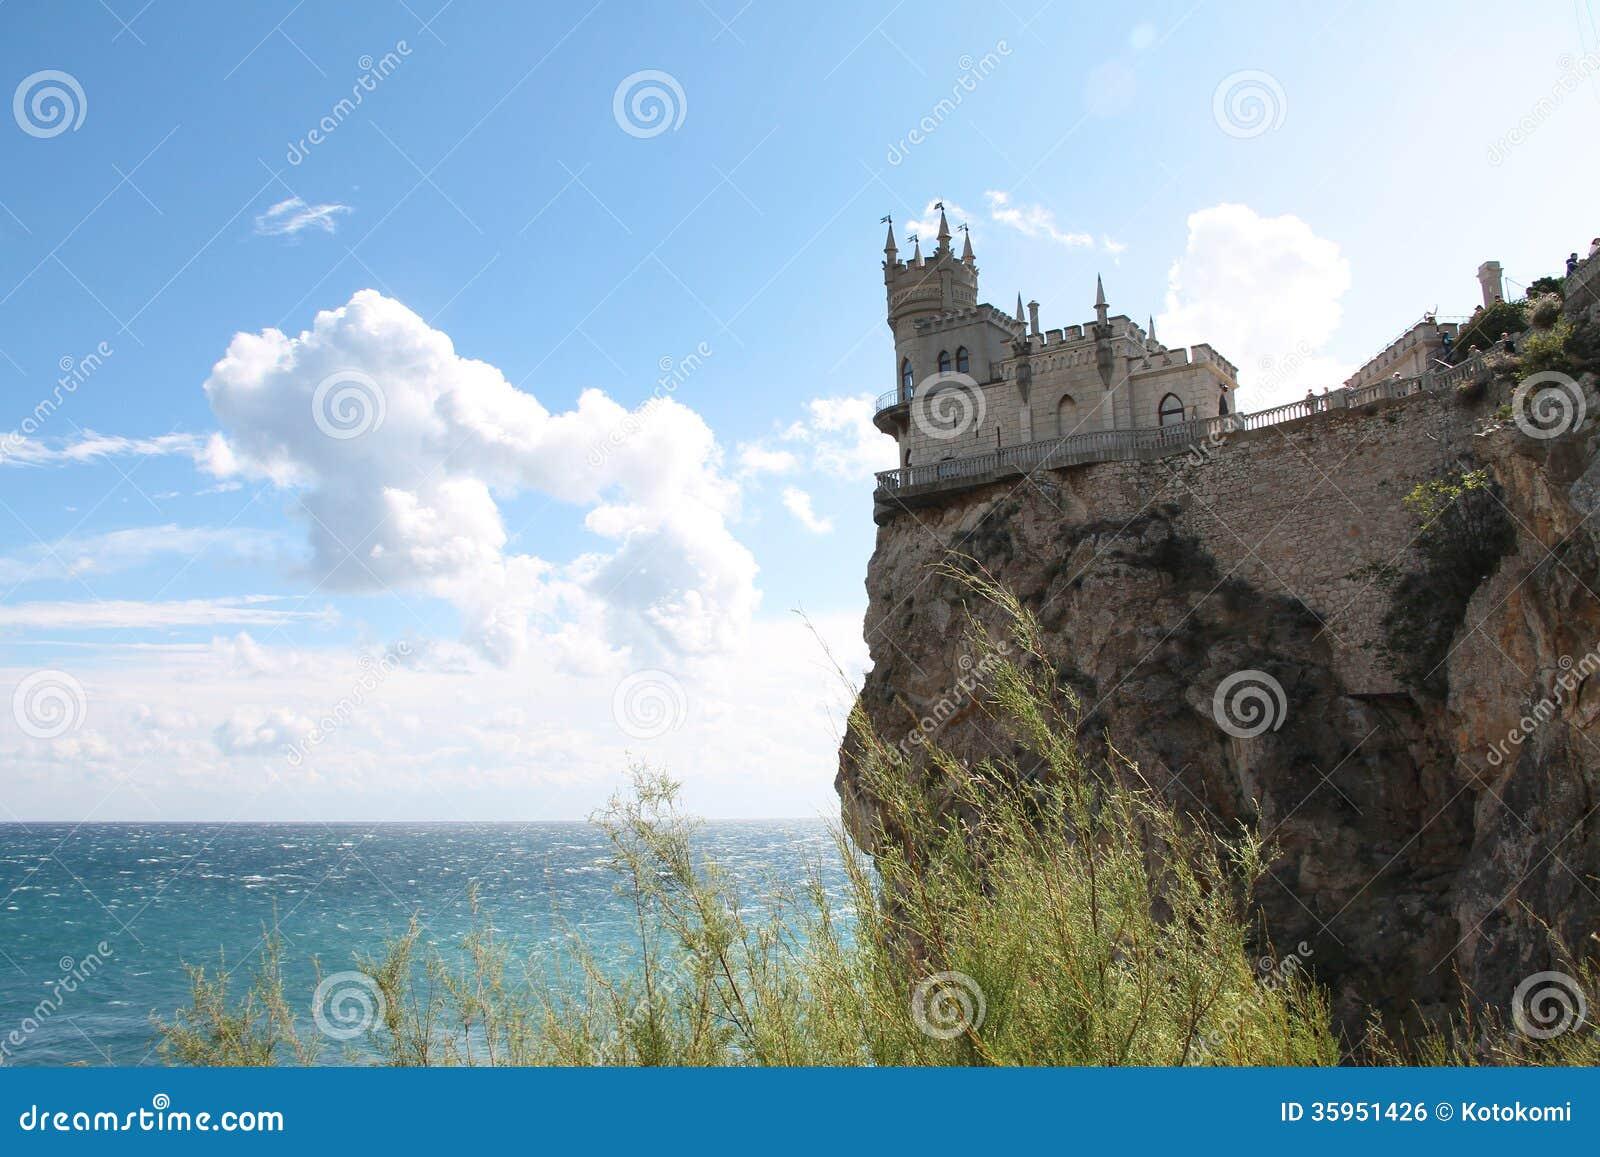 La jerarquía del trago viejo del castillo al borde del acantilado sobre el mar azul